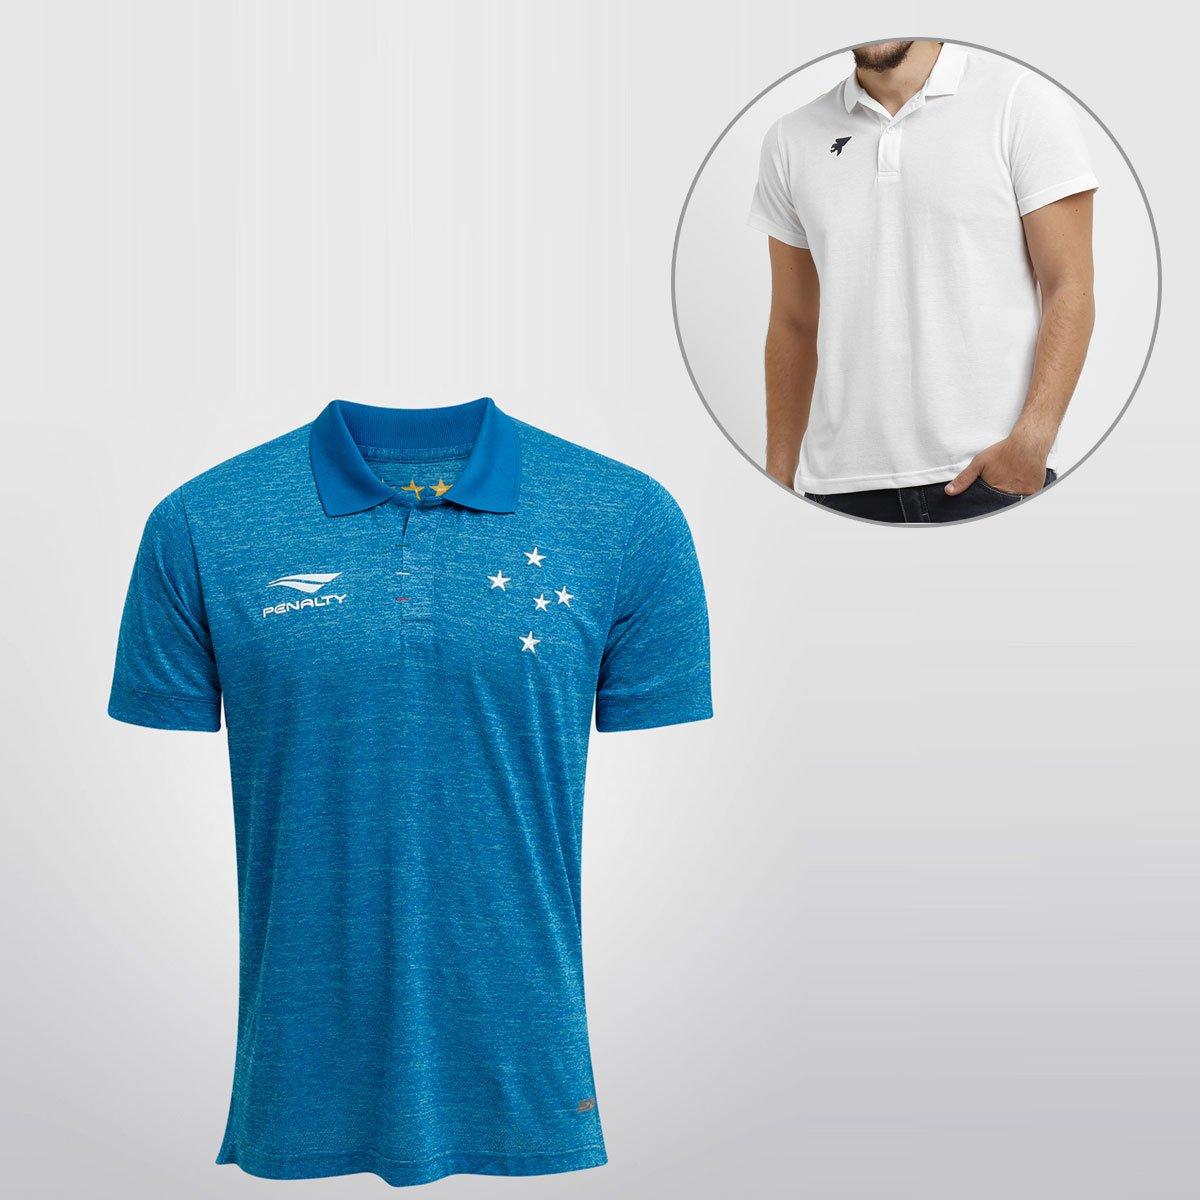 325132873a344 Camisa Penalty Cruzeiro III 15 16 s nº + Camisa Polo Joma - Compre Agora